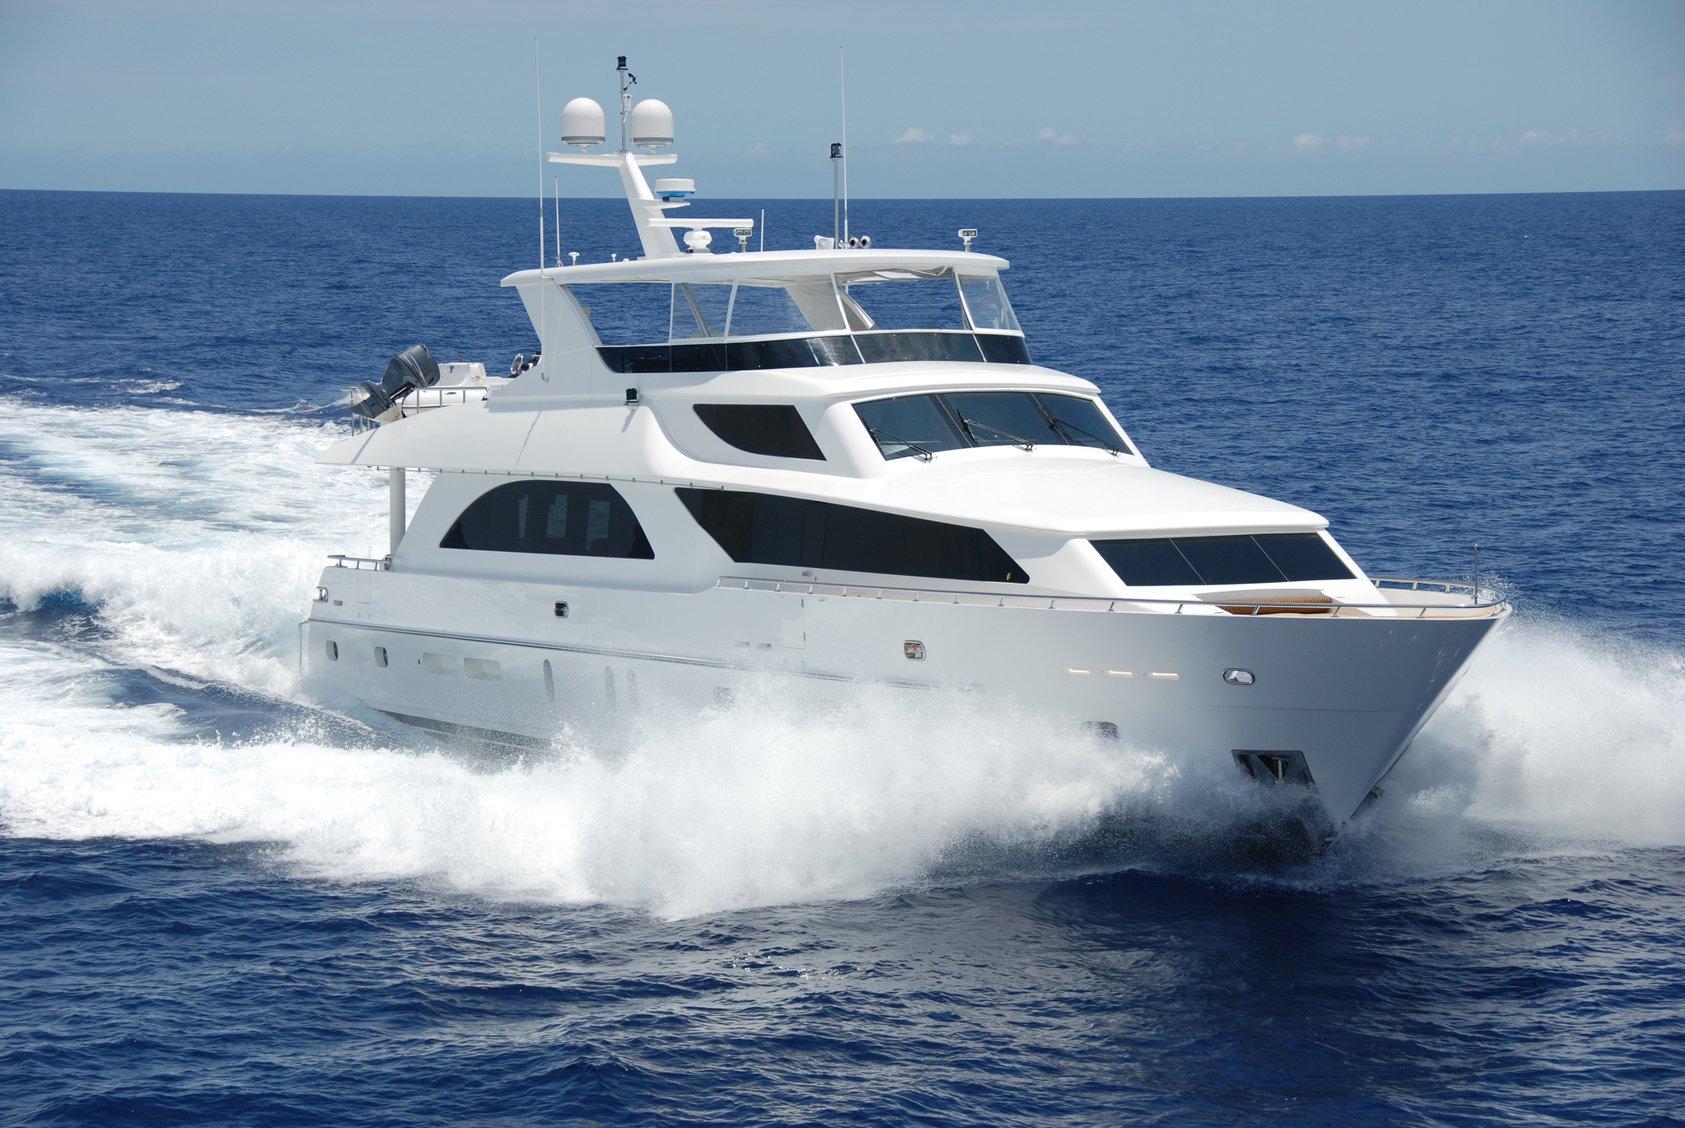 vulcano-yacht-charter-vulcano-yacht-rental-vulcano-boat-charter-vulcano-boat-rental-vulcano-sailing-charter-yachting-luxury